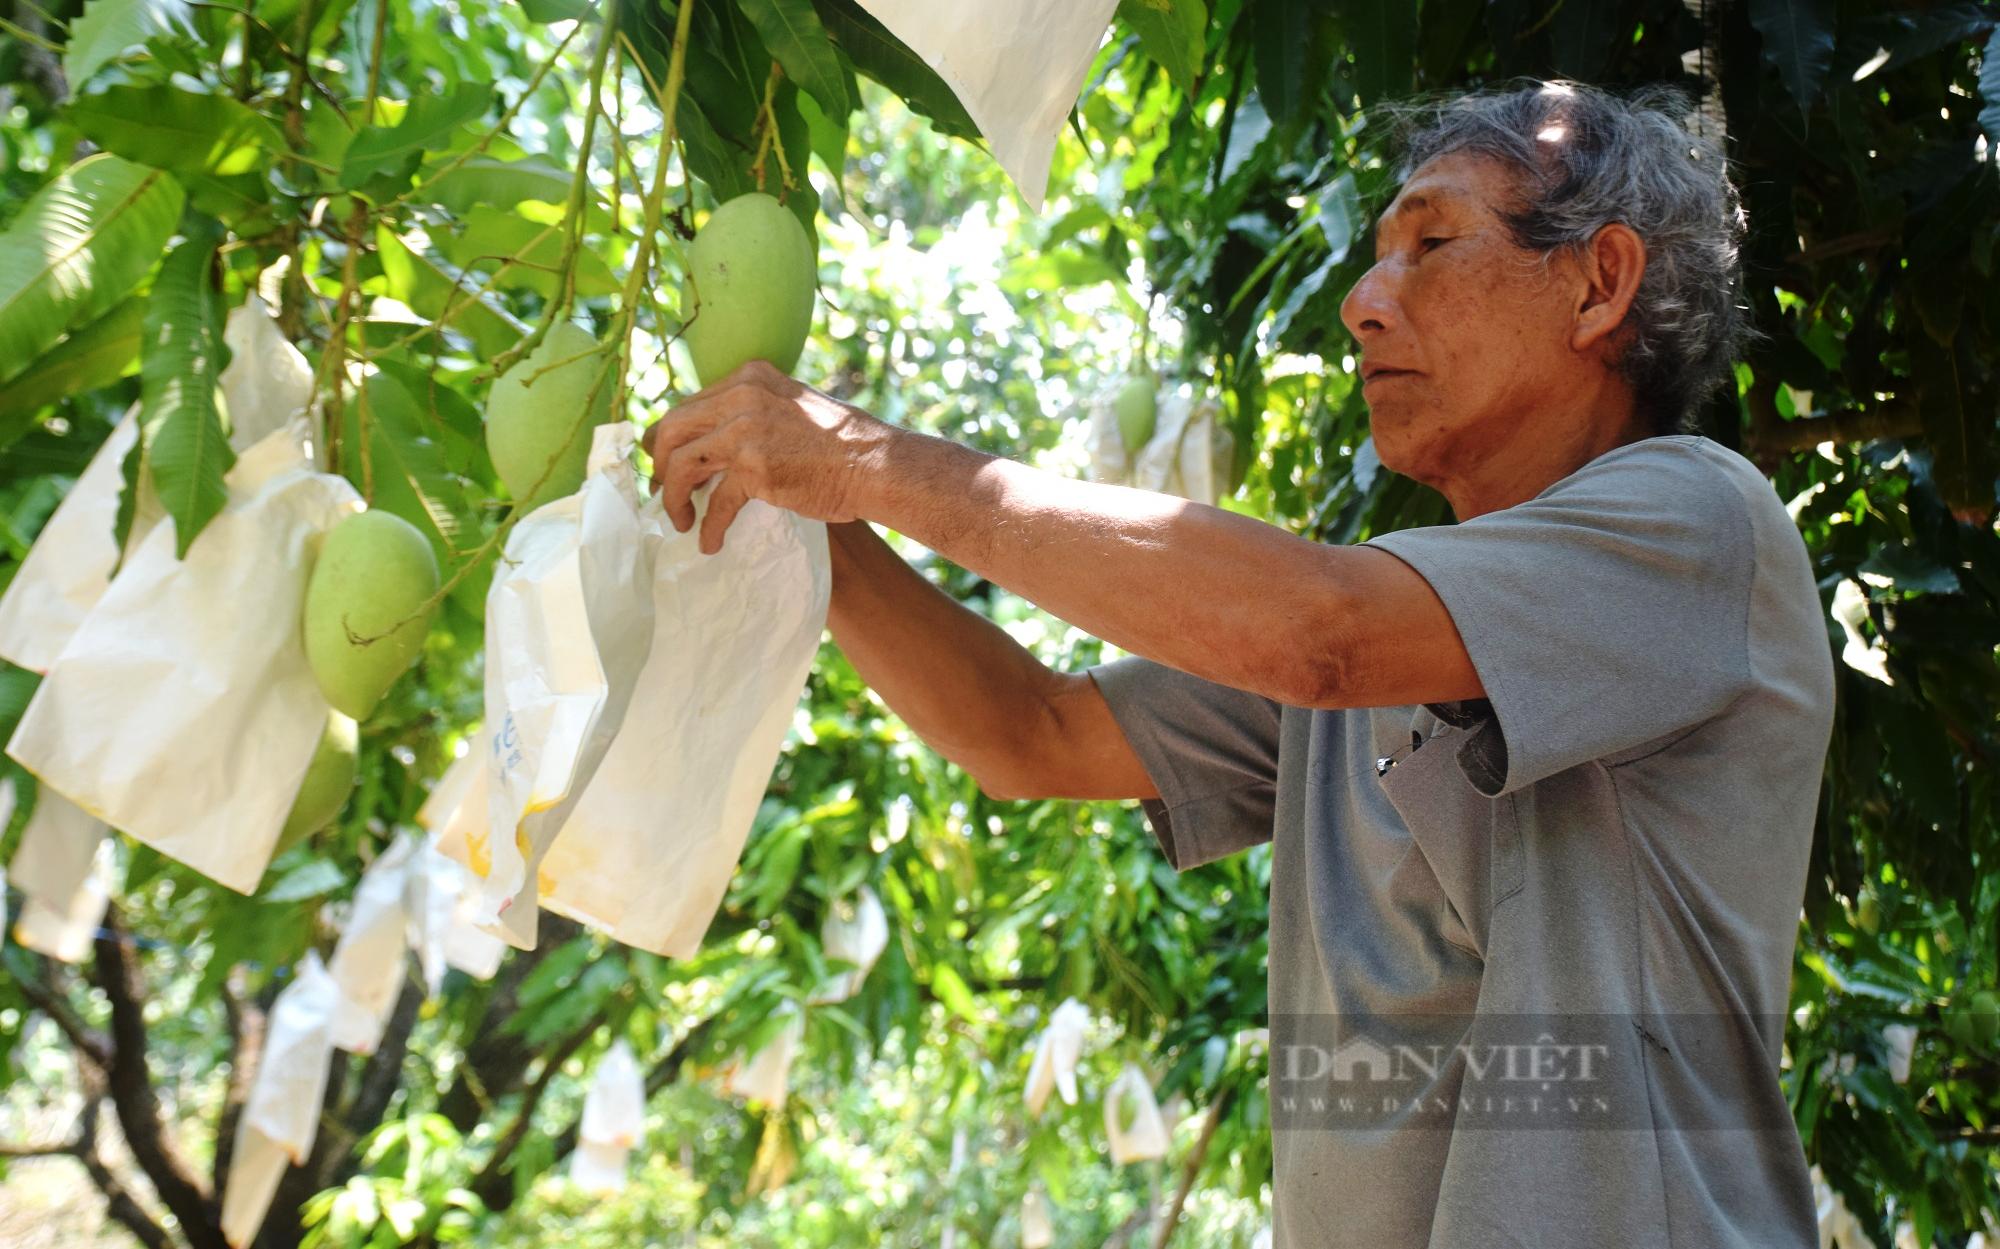 Nhờ cách này, 'thủ phủ' trồng xoát cát ở Bình Định không lo thiếu nước - Ảnh 2.